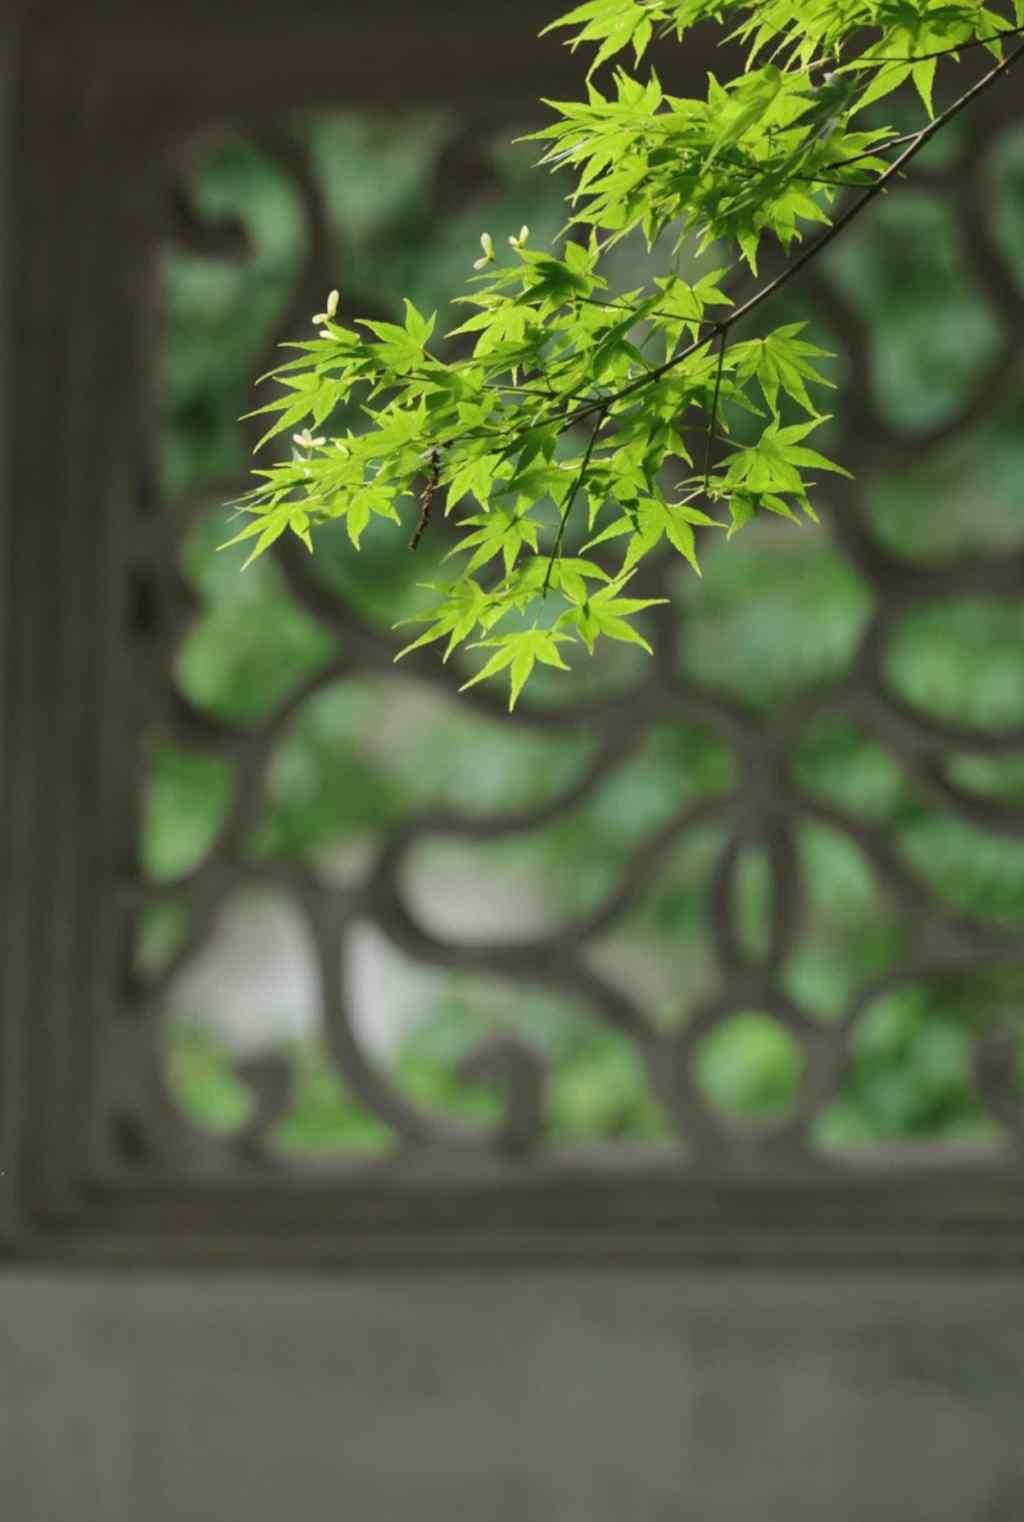 美丽的清新园林护眼手机壁纸